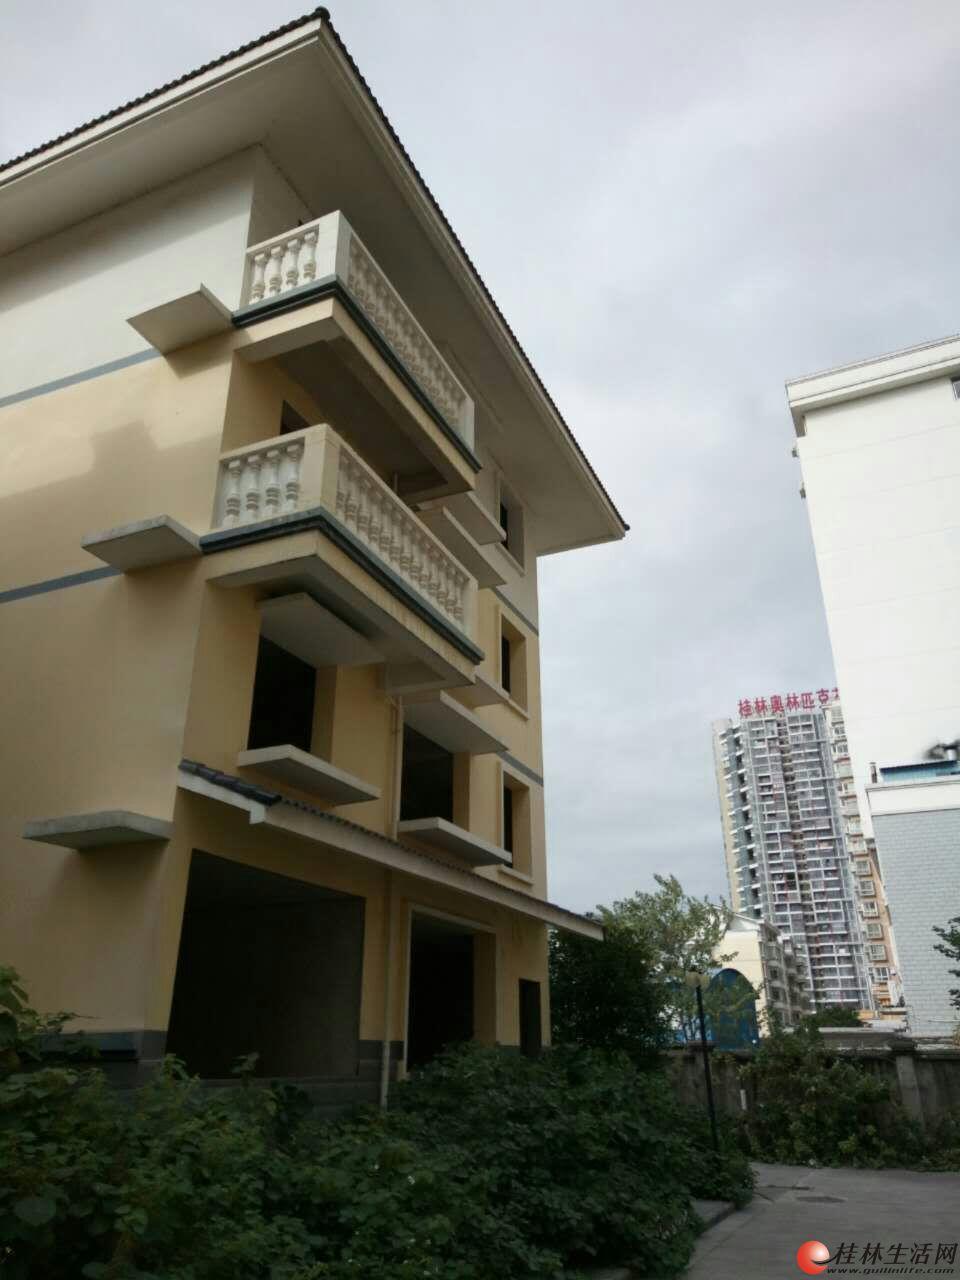 临桂世纪大道月亮湾小区整栋别墅招租,三层半482平方米,4000元起。